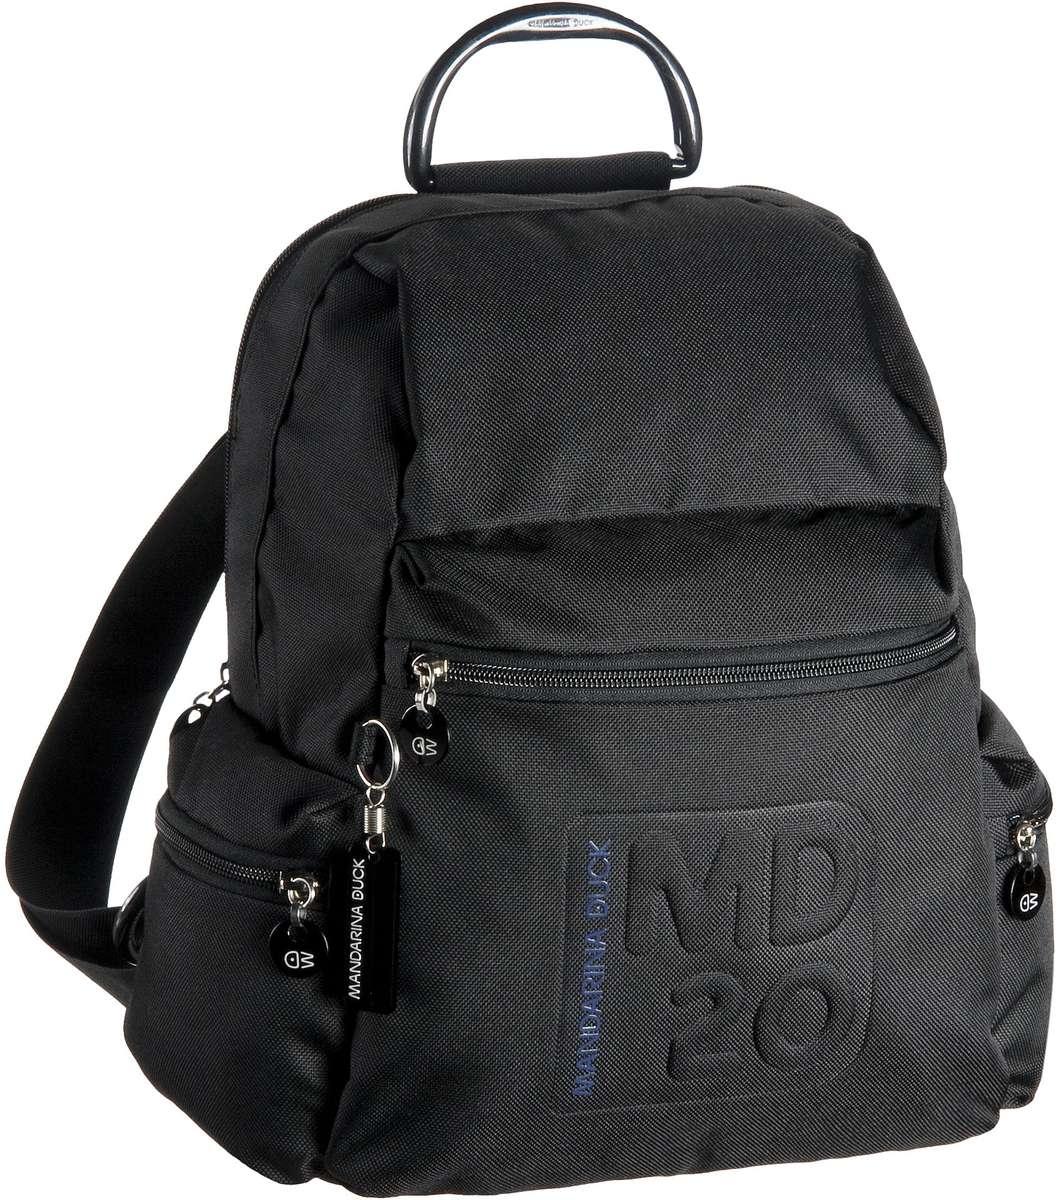 Rucksaecke für Frauen - Mandarina Duck Rucksack Daypack MD20 Backpack Black  - Onlineshop Taschenkaufhaus